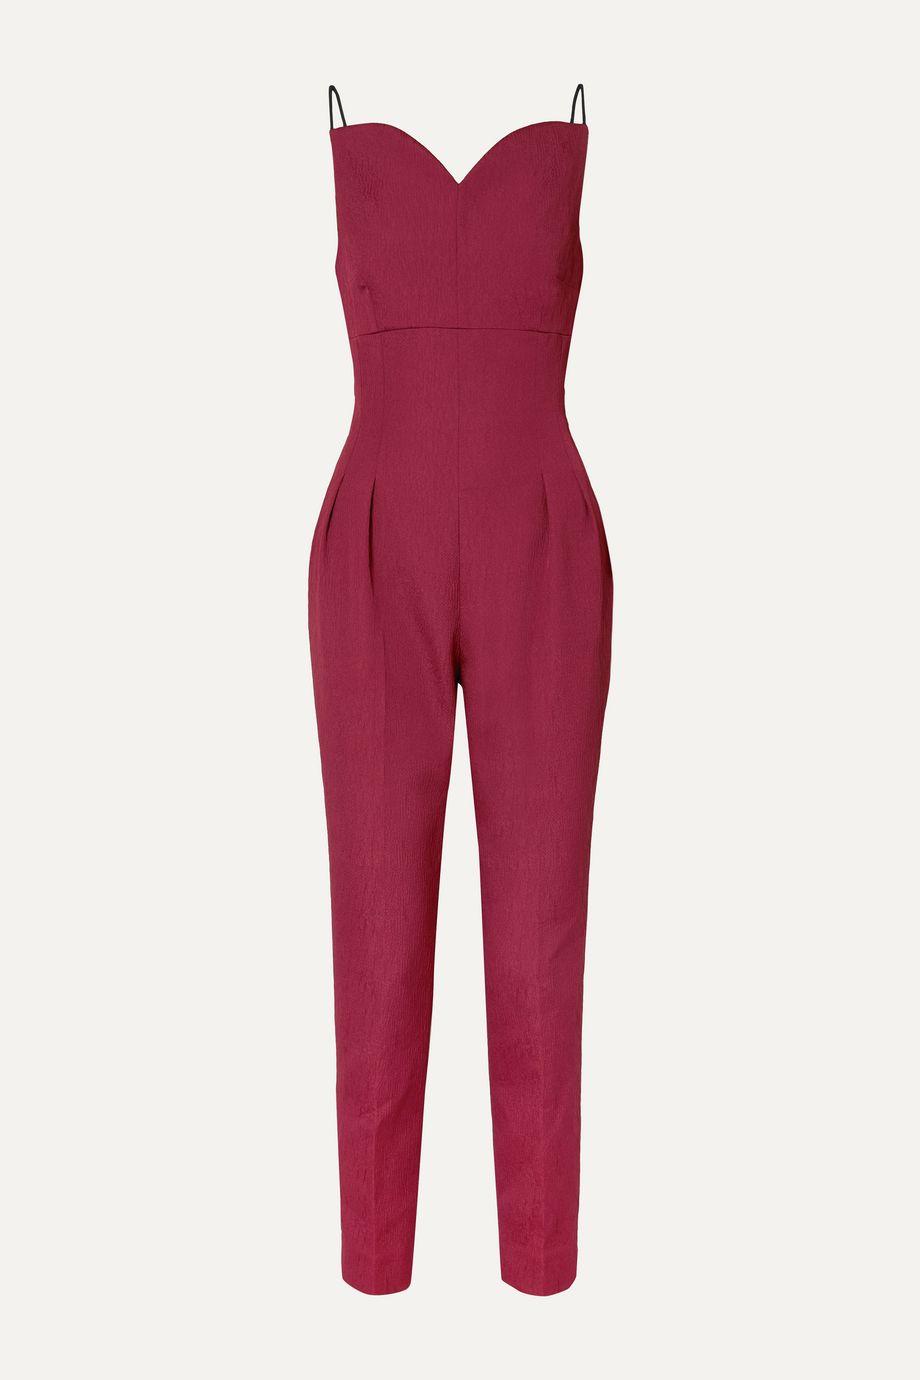 Emilia Wickstead Selma open-back cloqué jumpsuit